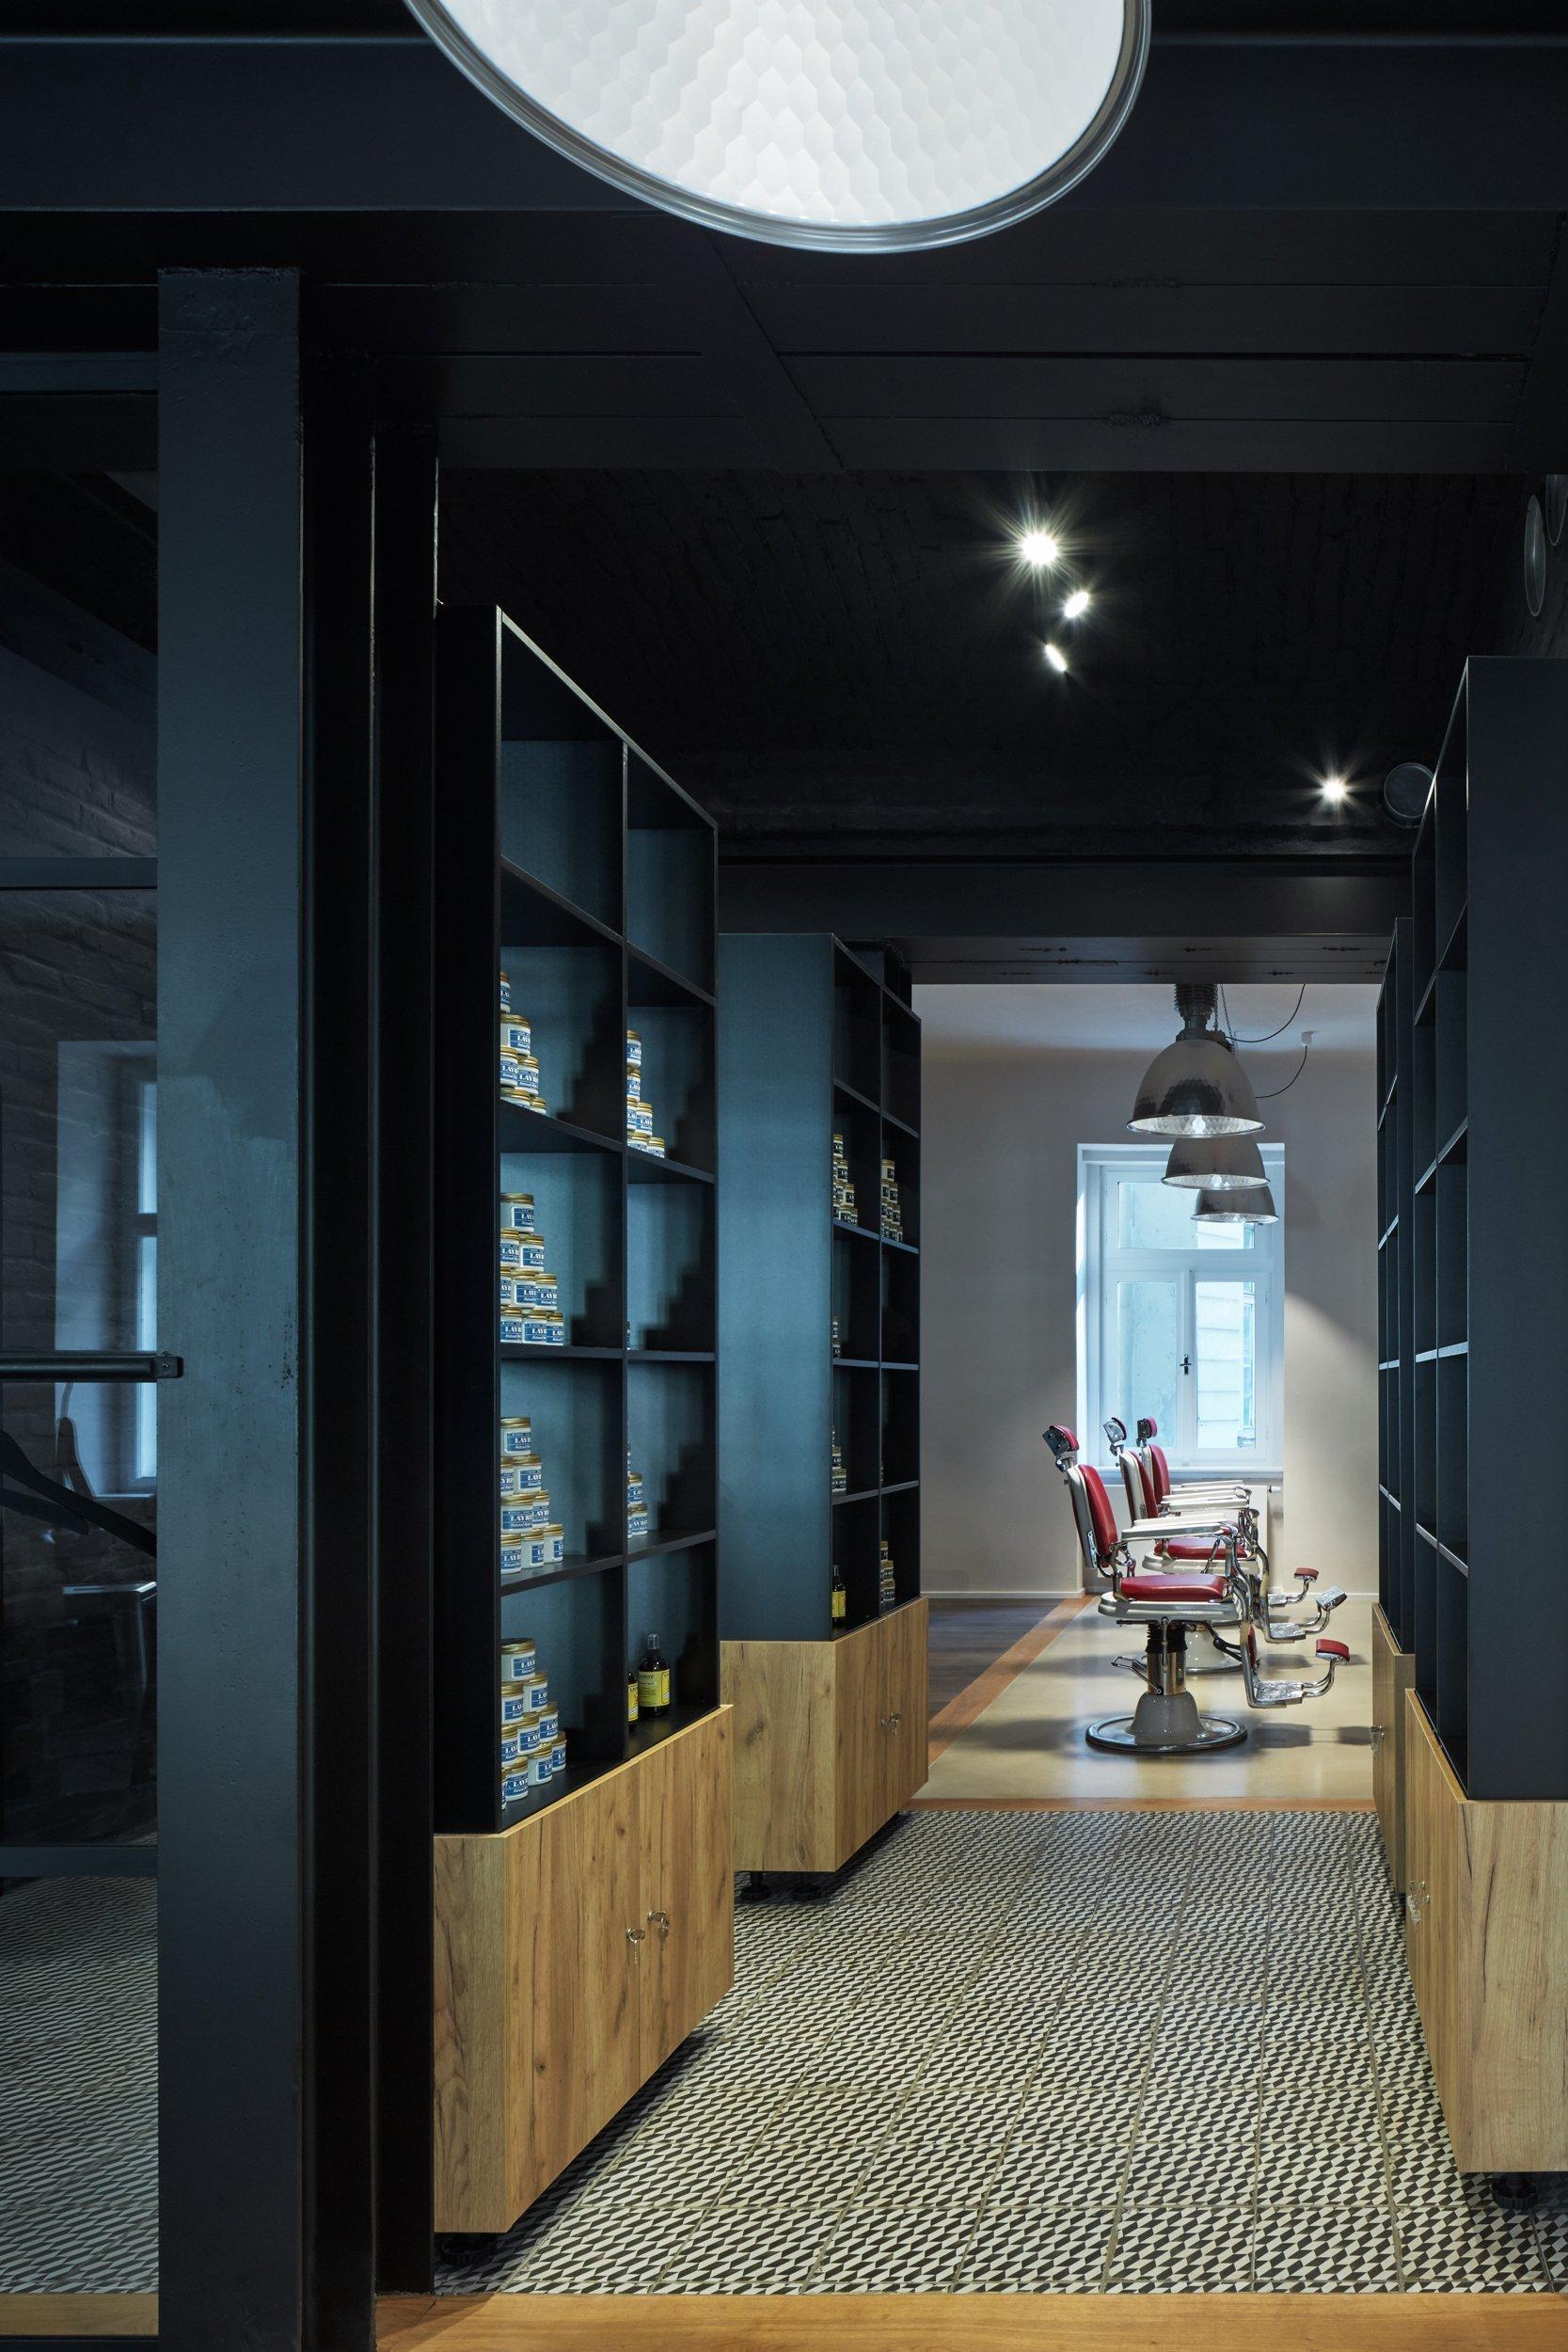 Interiér holičství  cílem bylo vytvořit pánský interiér, a to jak barevností, tak materiály. Ve stávajícím prostoru již byly provedeny statické úpravy a…